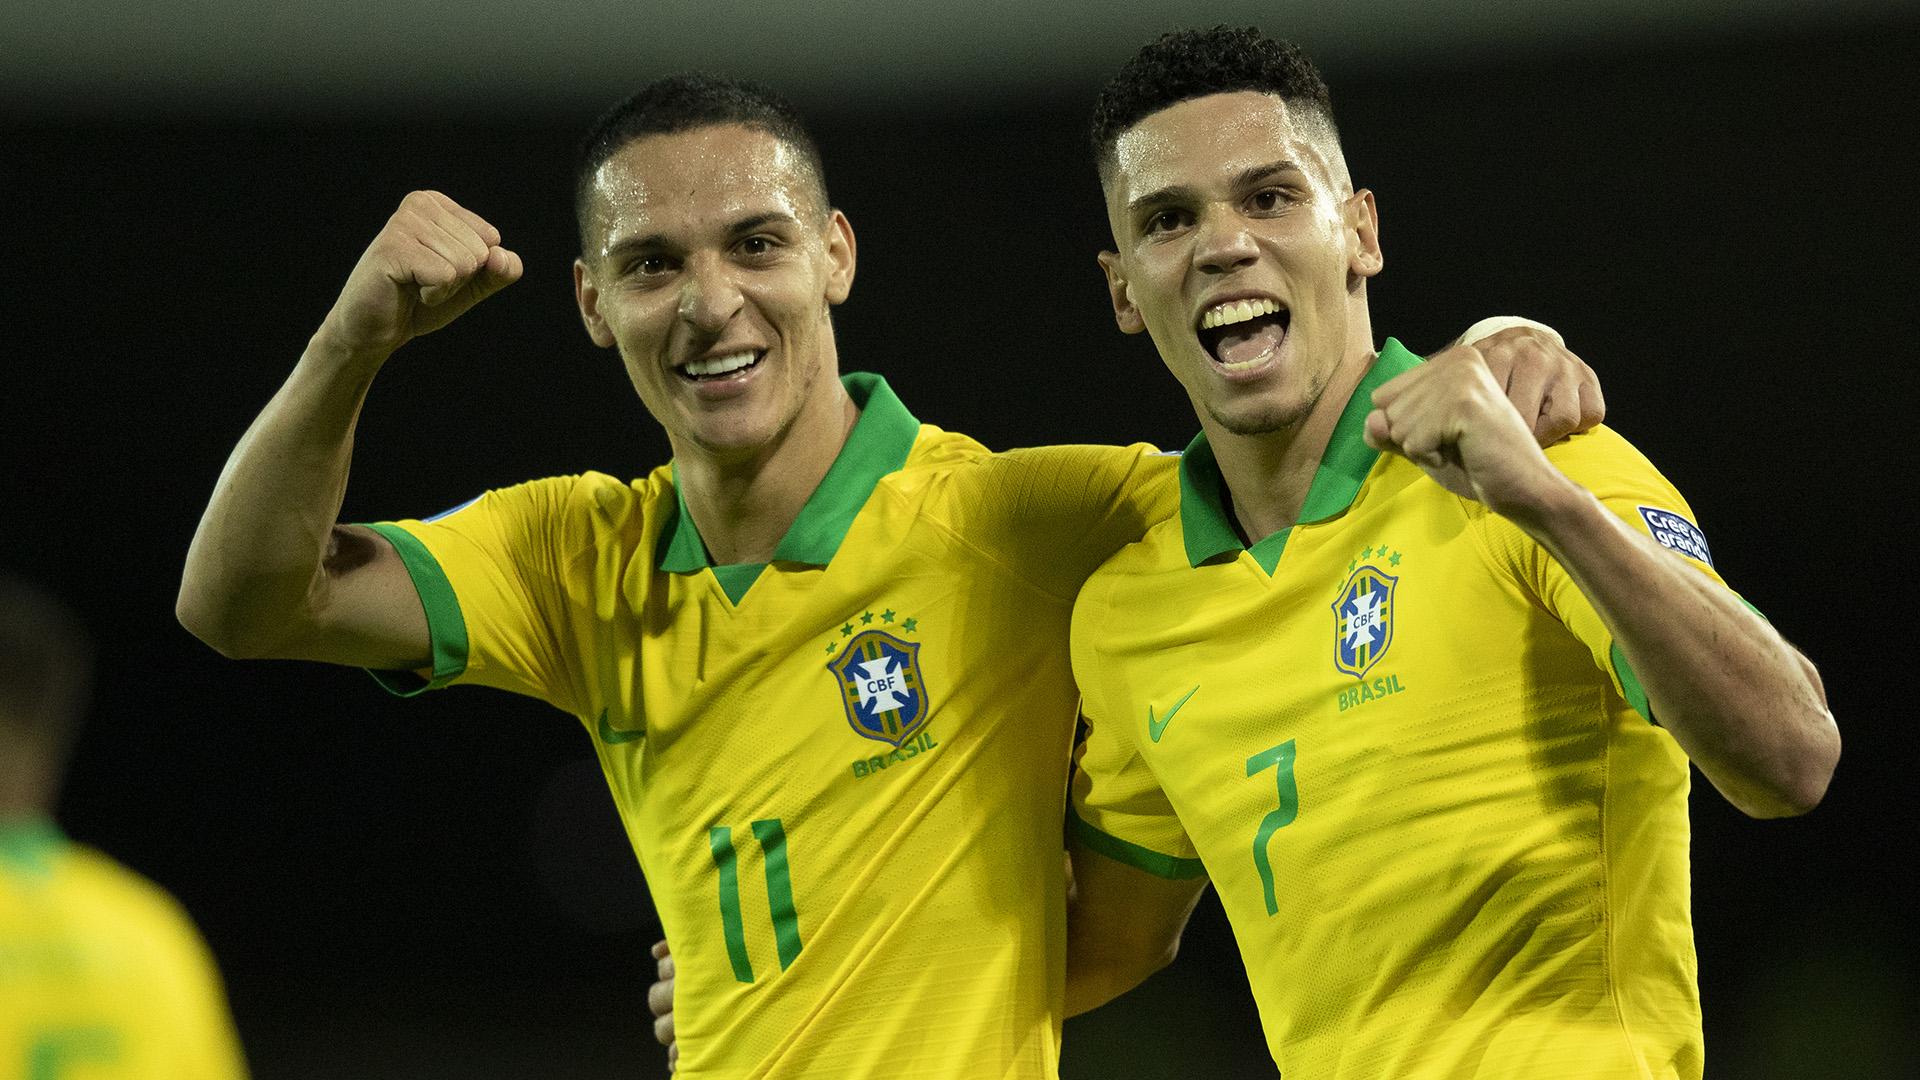 AO VIVO: Brasil e Argentina se enfrentam no quadrangular final do pré-olímpico de futebol